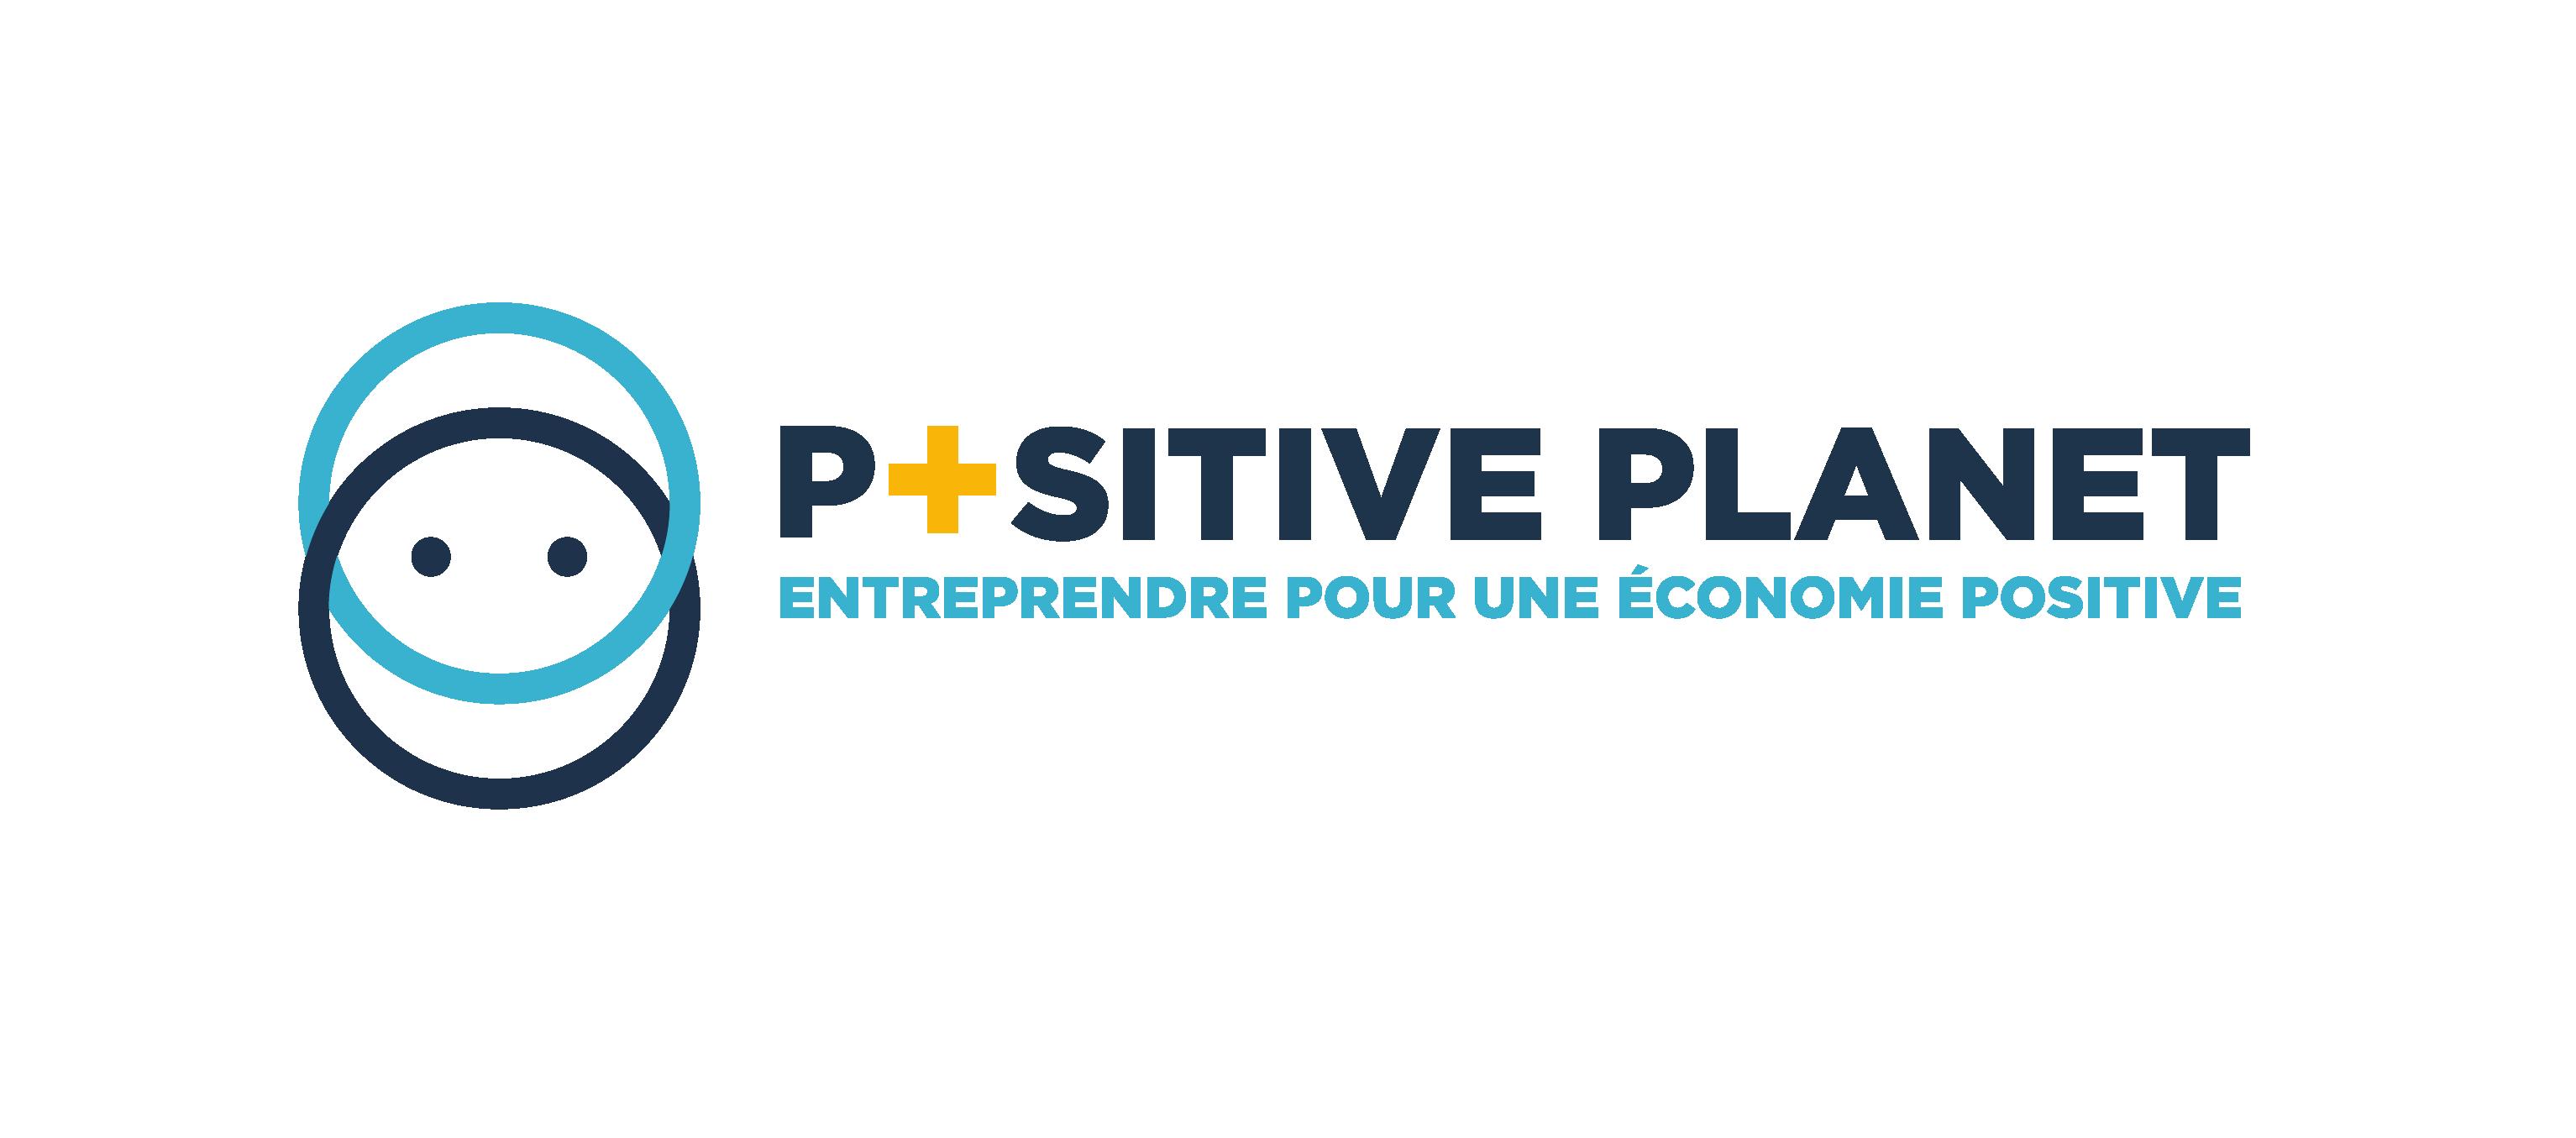 Mentor d'un entrepreneur - Saint-Etienne